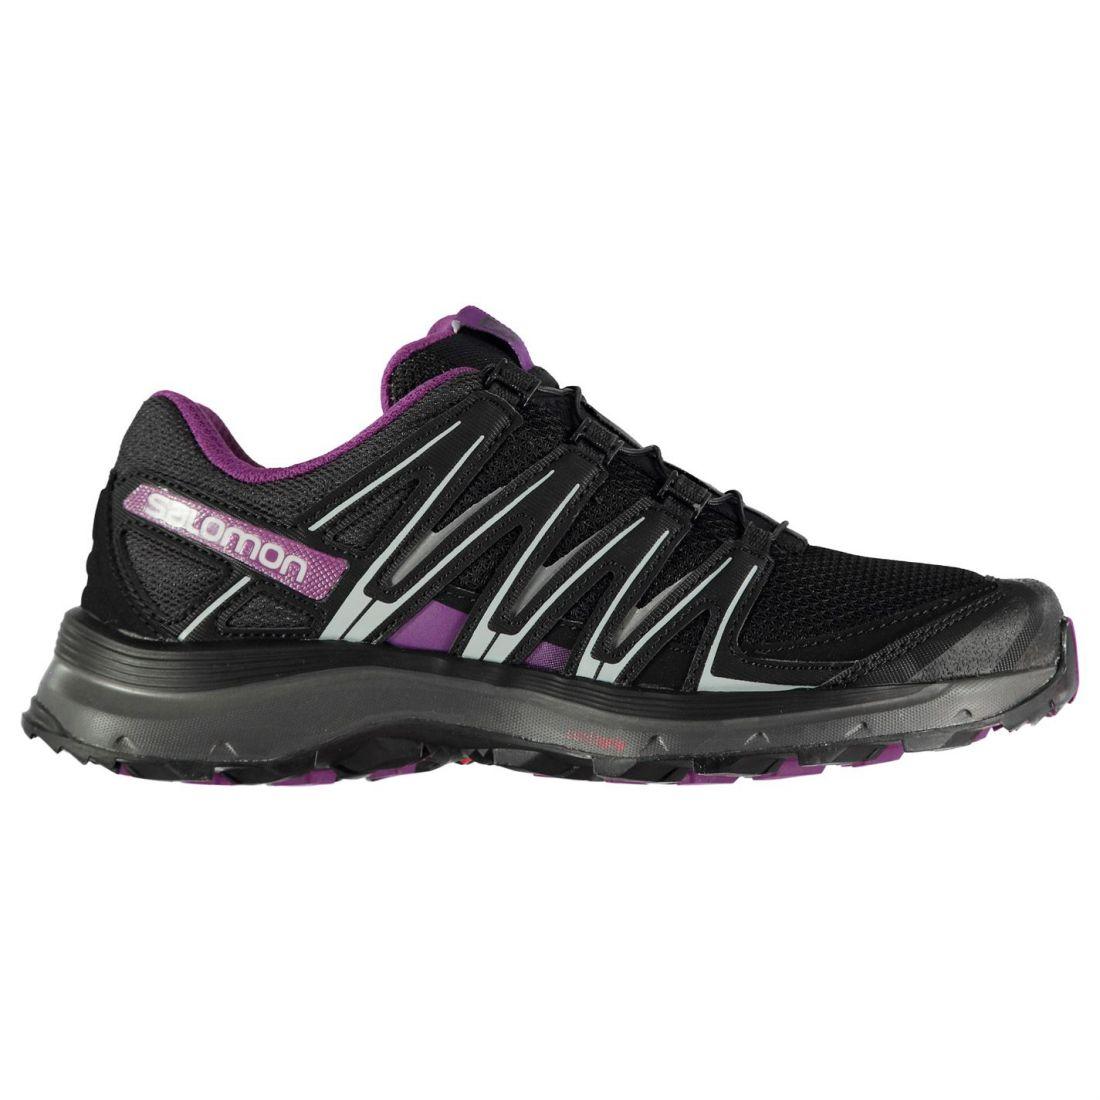 Salomon XA lite Trail Running Zapatos Damas parte superior de malla ventilada